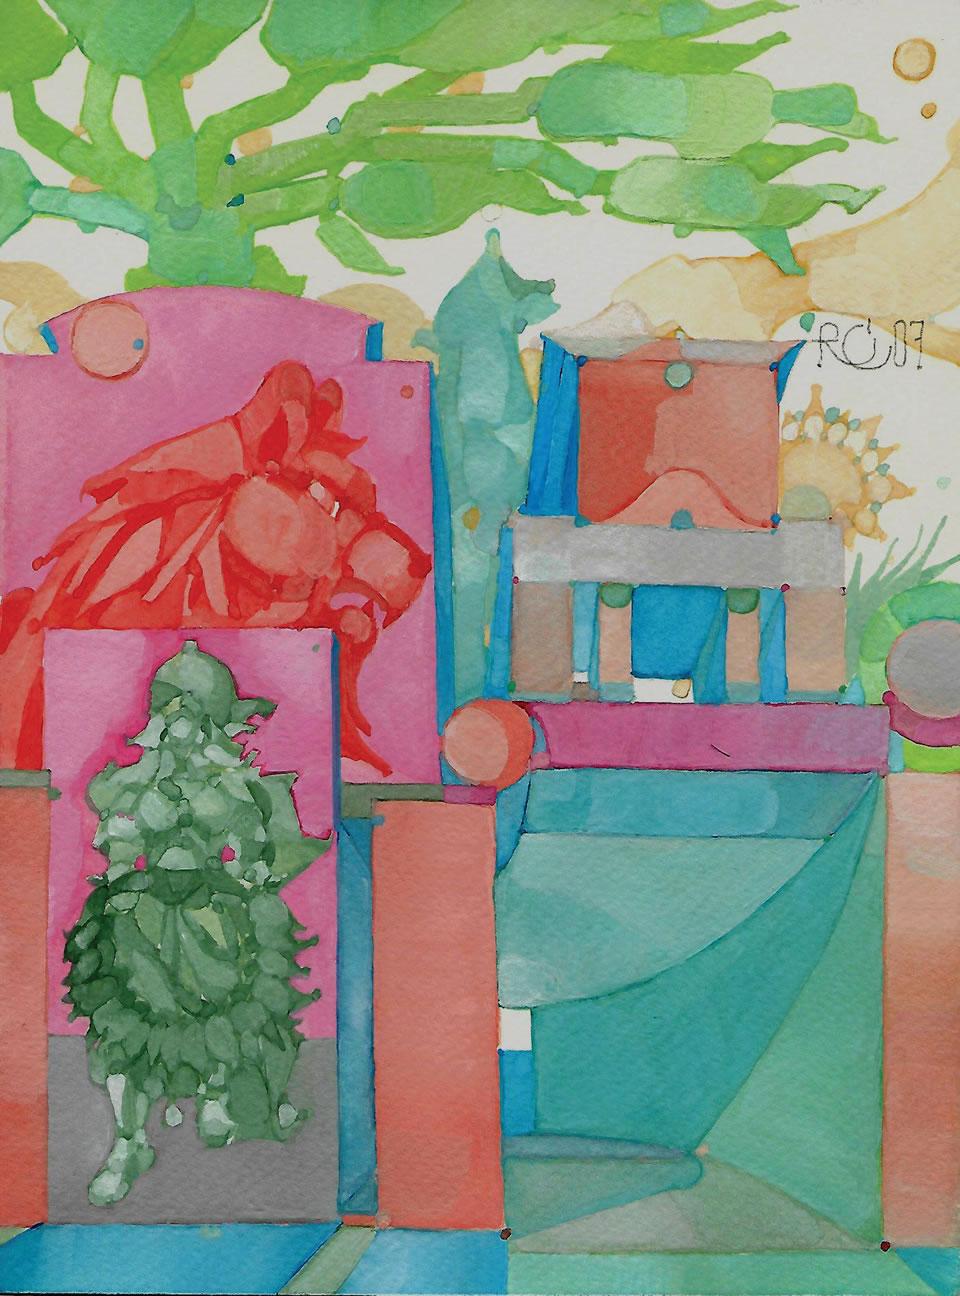 La Cripta | acrilico su carta CM 18 x 24 | RICCARDO CECCHINI 2007